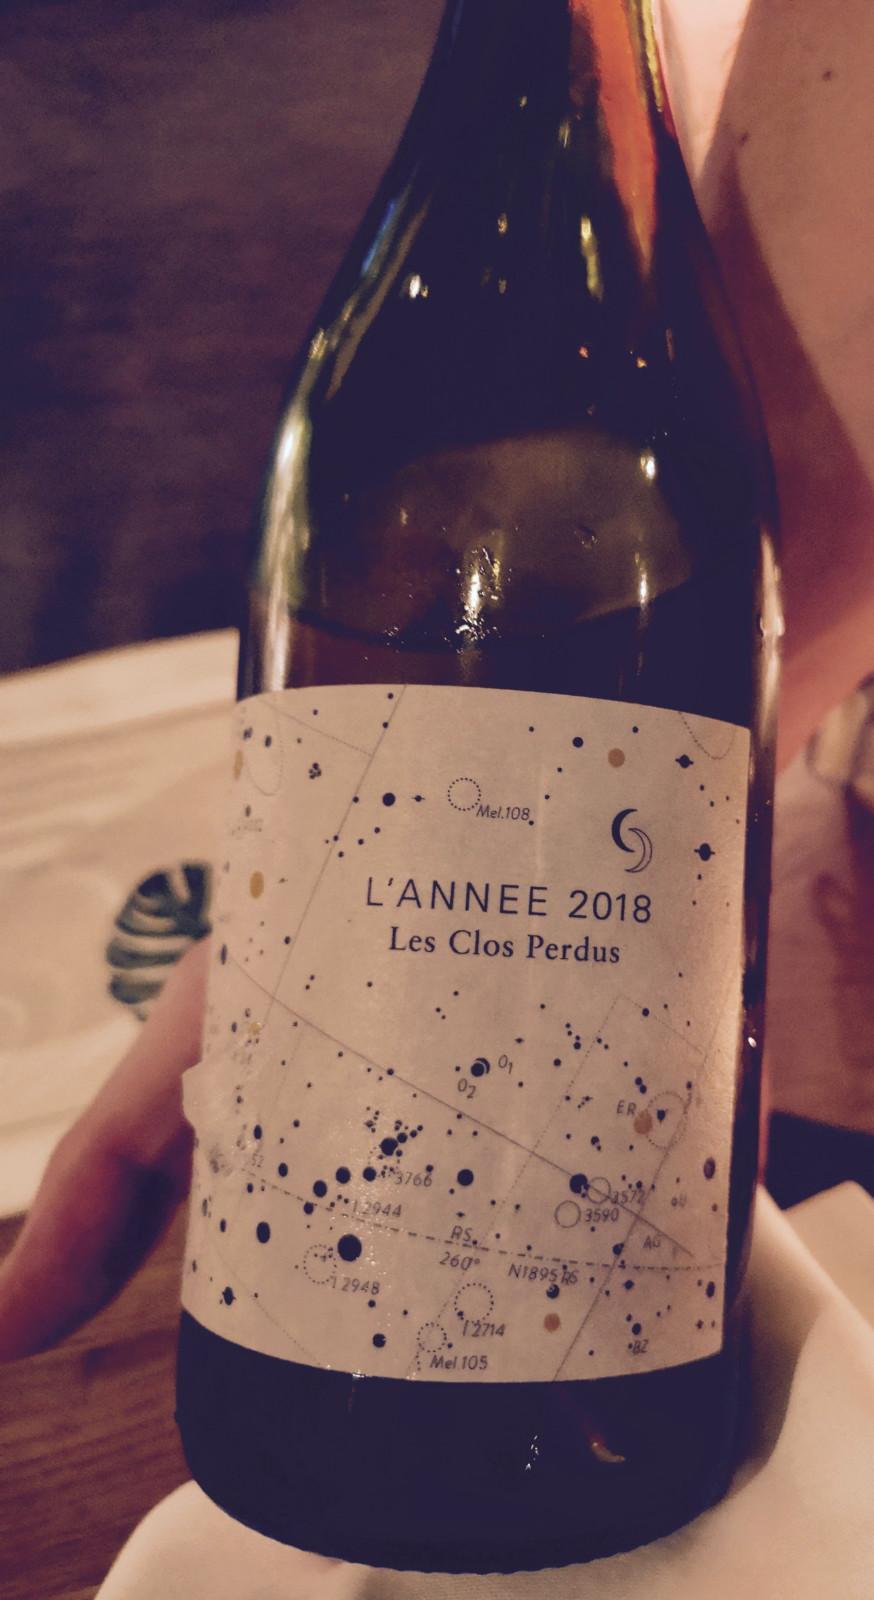 Ein guter Start in den Abend mit dem französischen Naturwein. Foto: Lunchgate/Anna